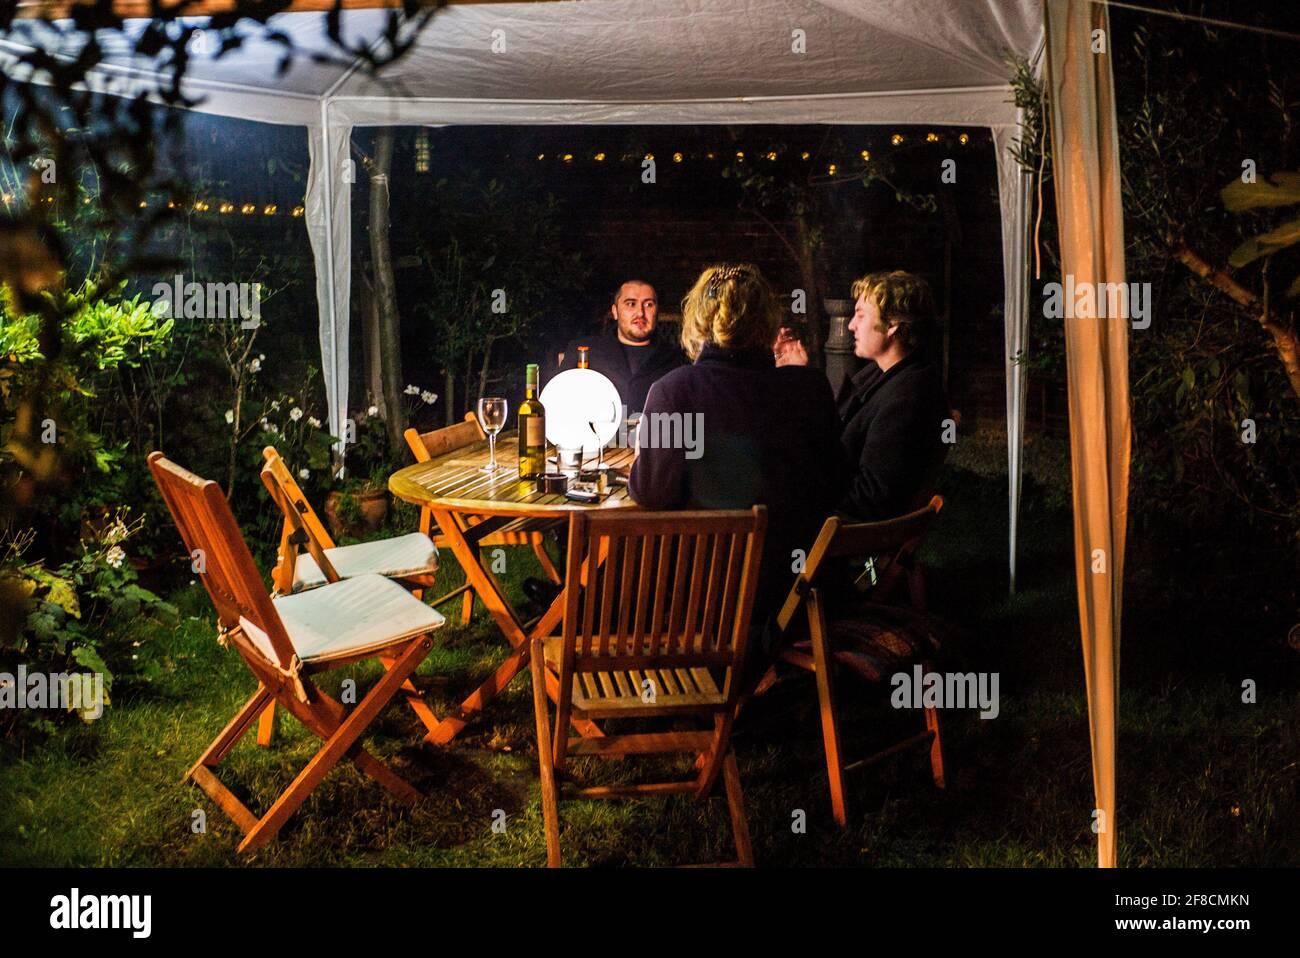 bebidas nocturnas socialmente distanciadas bajo el cenador en el jardín durante restricciones de covid-19 Foto de stock